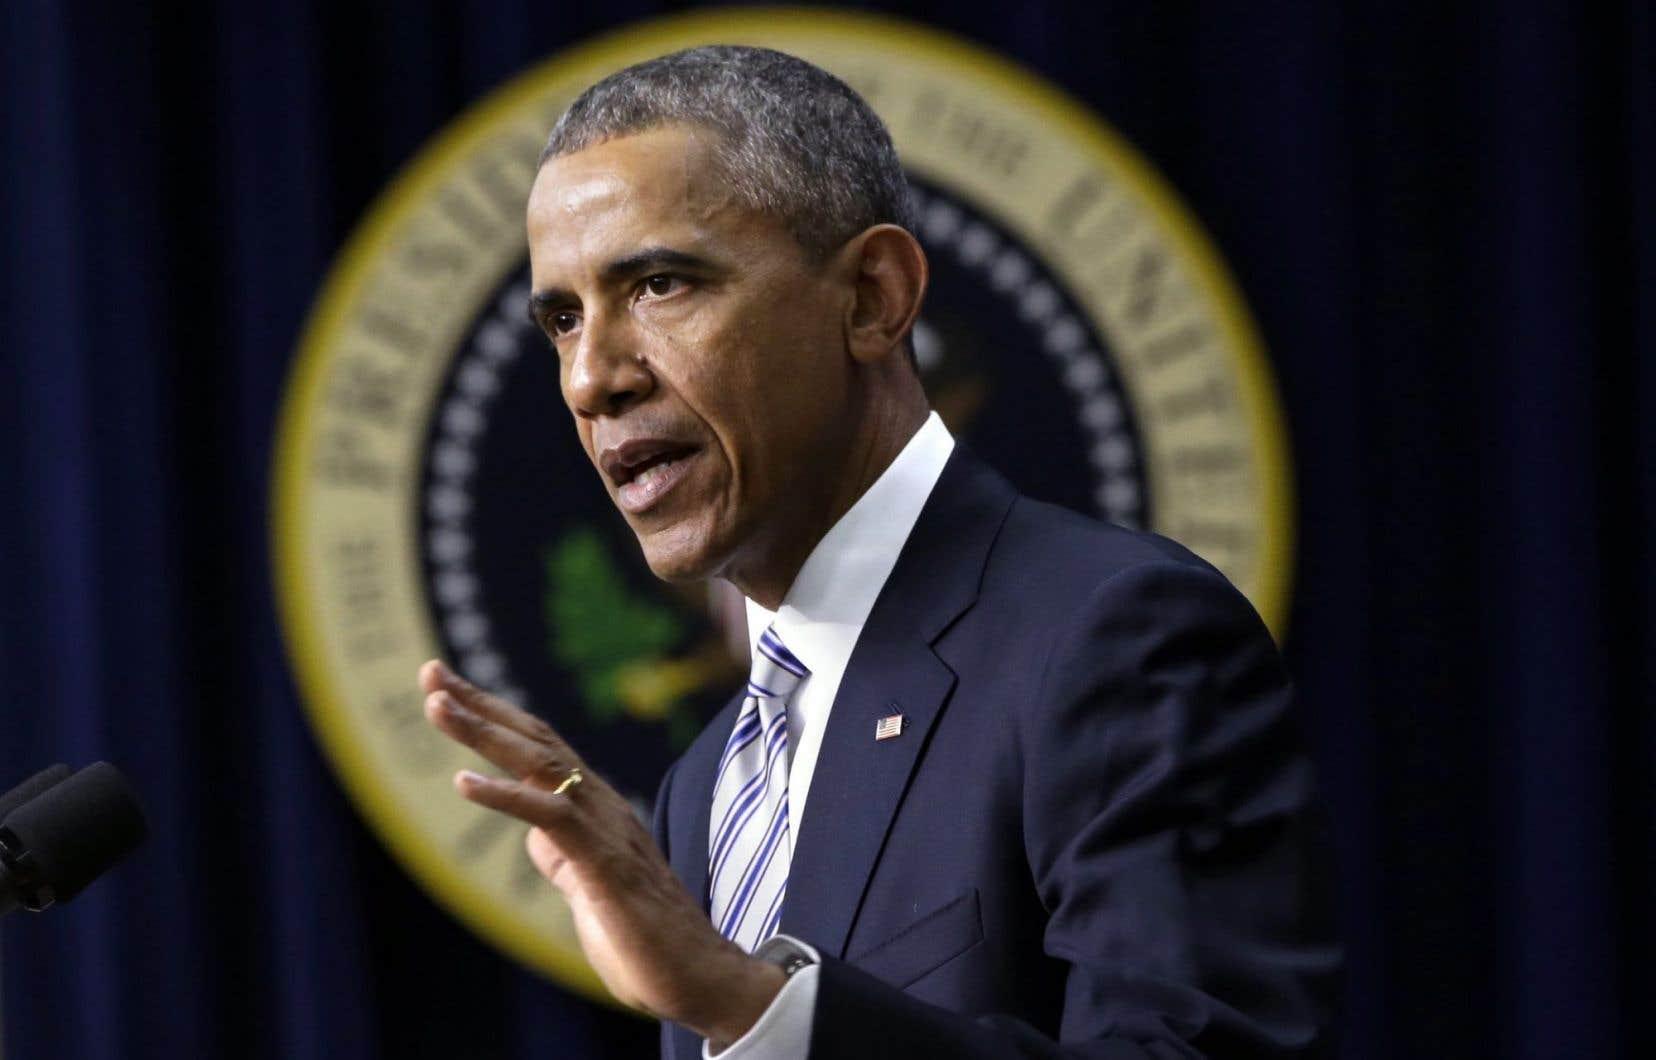 En usant de son veto, le président Obama souhaite conserver son pouvoir de décision sur ce projet très controversé, en particulier pour des raisons environnementales.